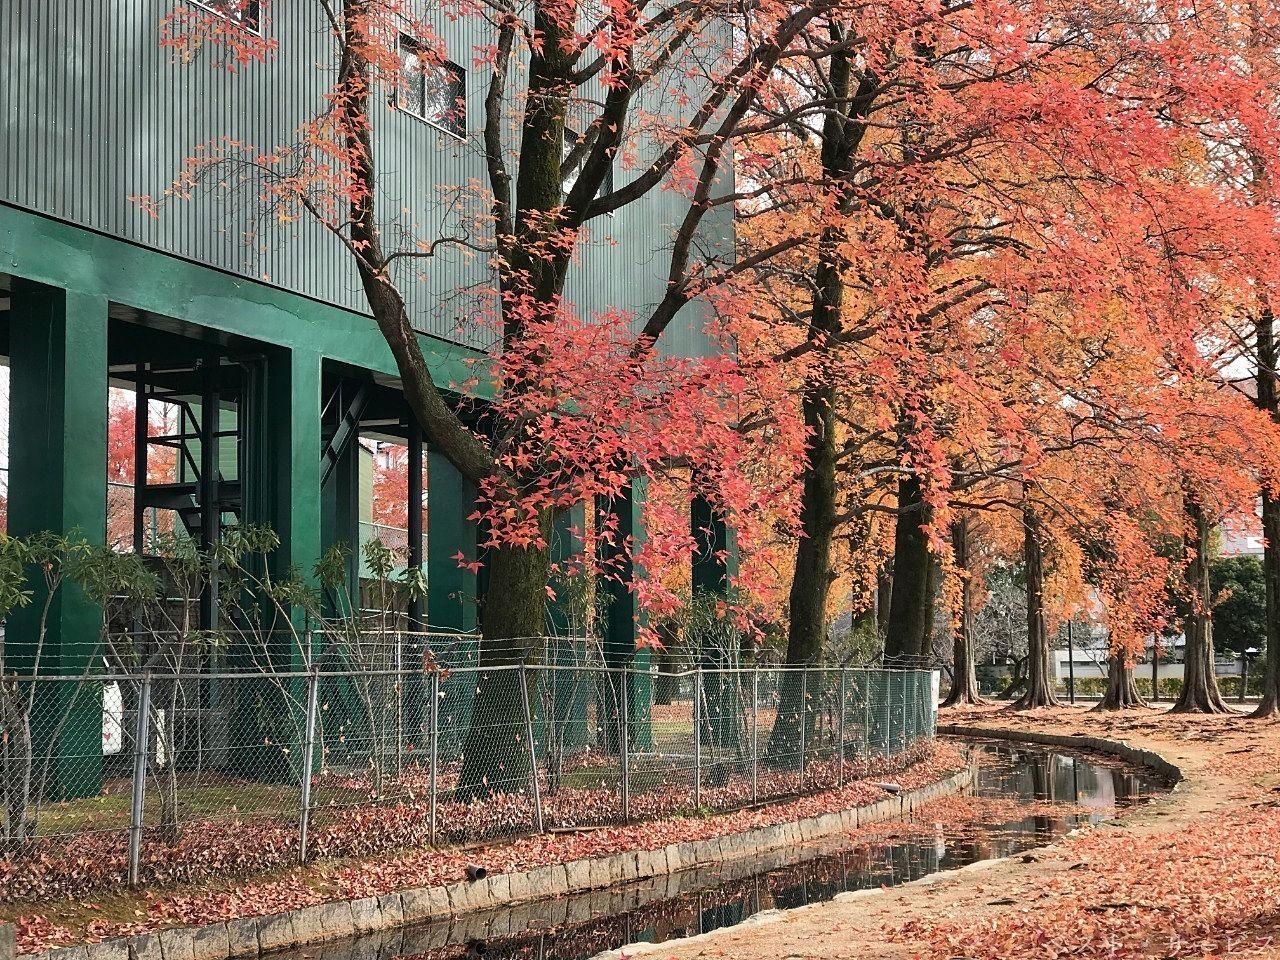 紅葉は見ごろを過ぎてもなお美しい